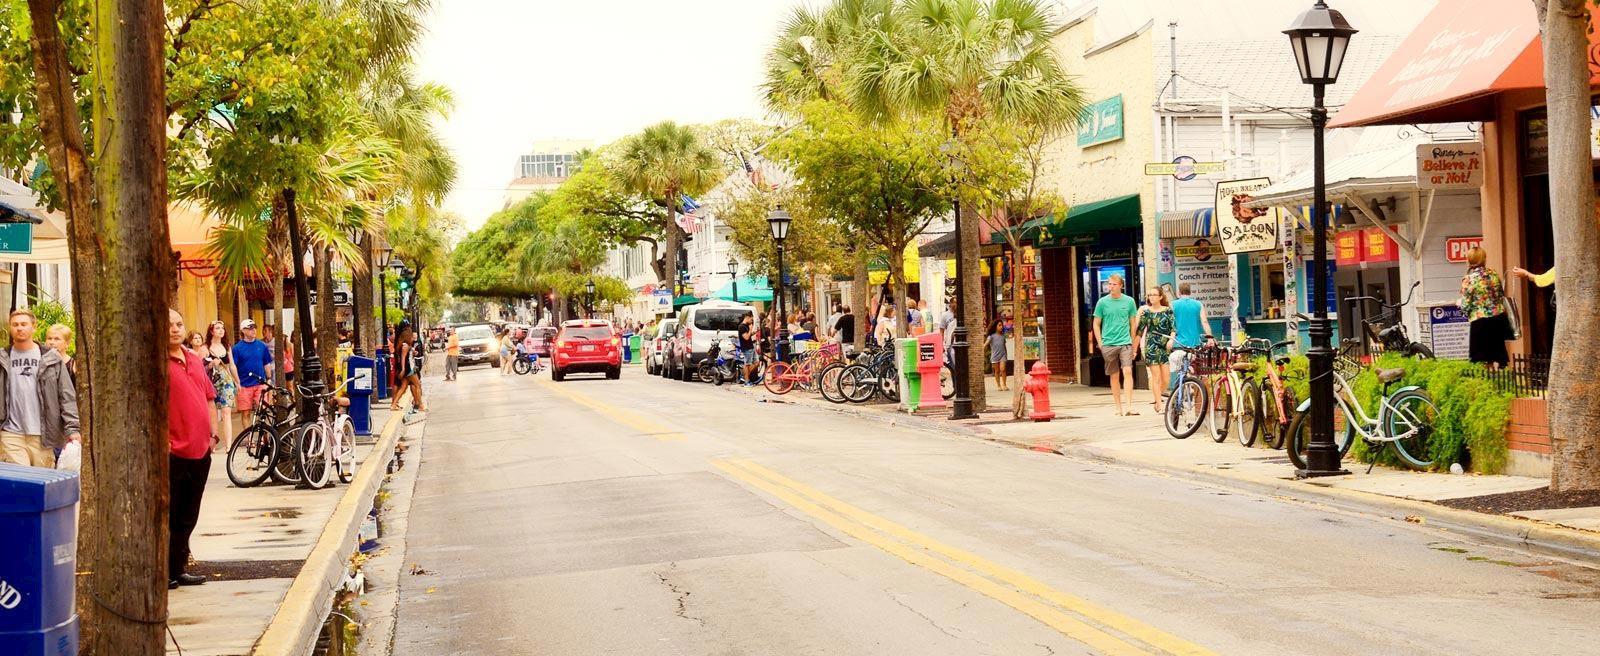 Southwinds Motel Key West Florida